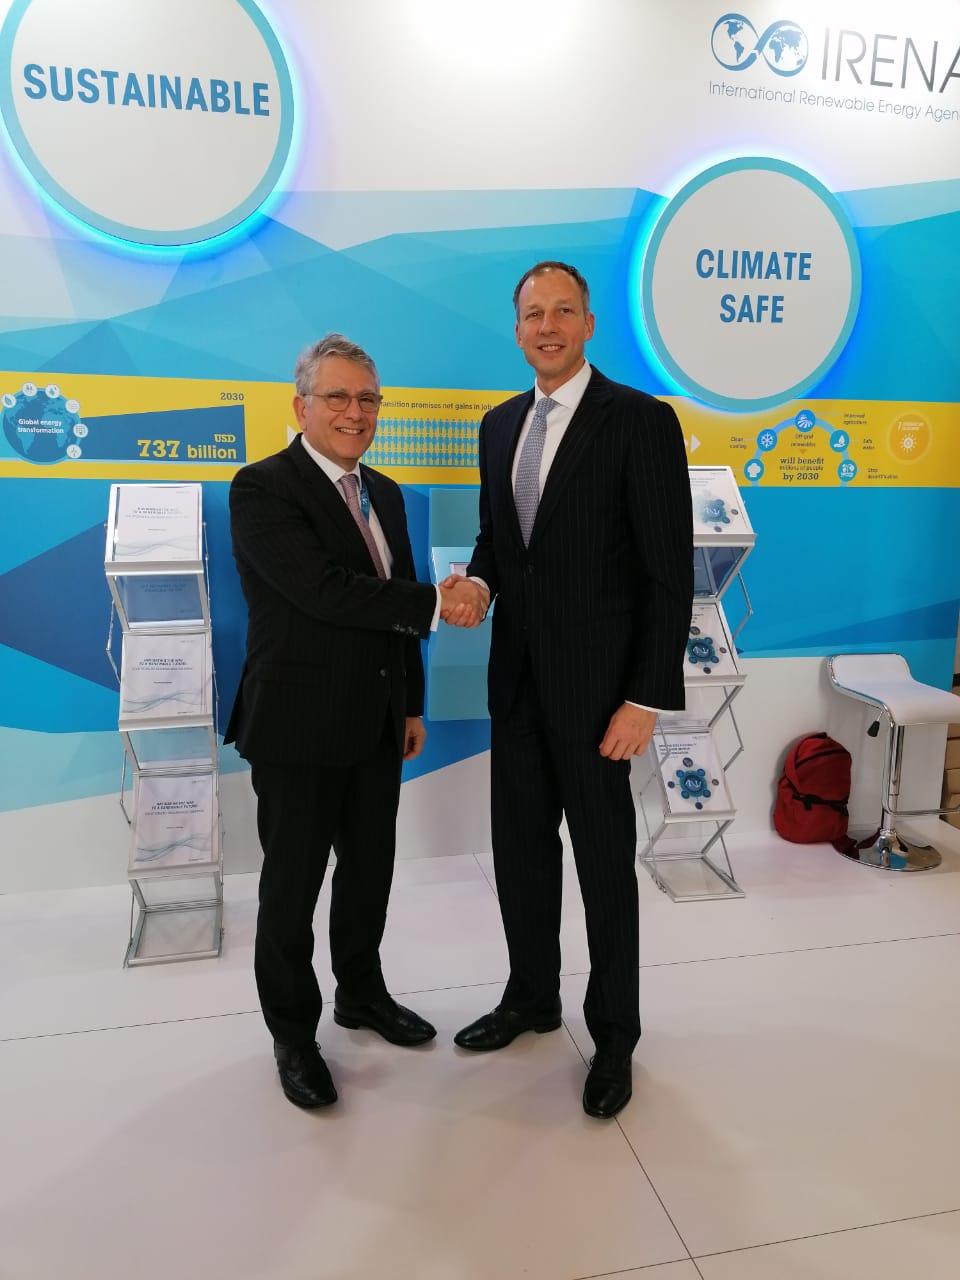 Συμμετοχή του υφυπουργού Ενέργειας κ. Γεράσιμου Θωμά στην 10η Συνάντηση της Ολομέλειας της IRENA